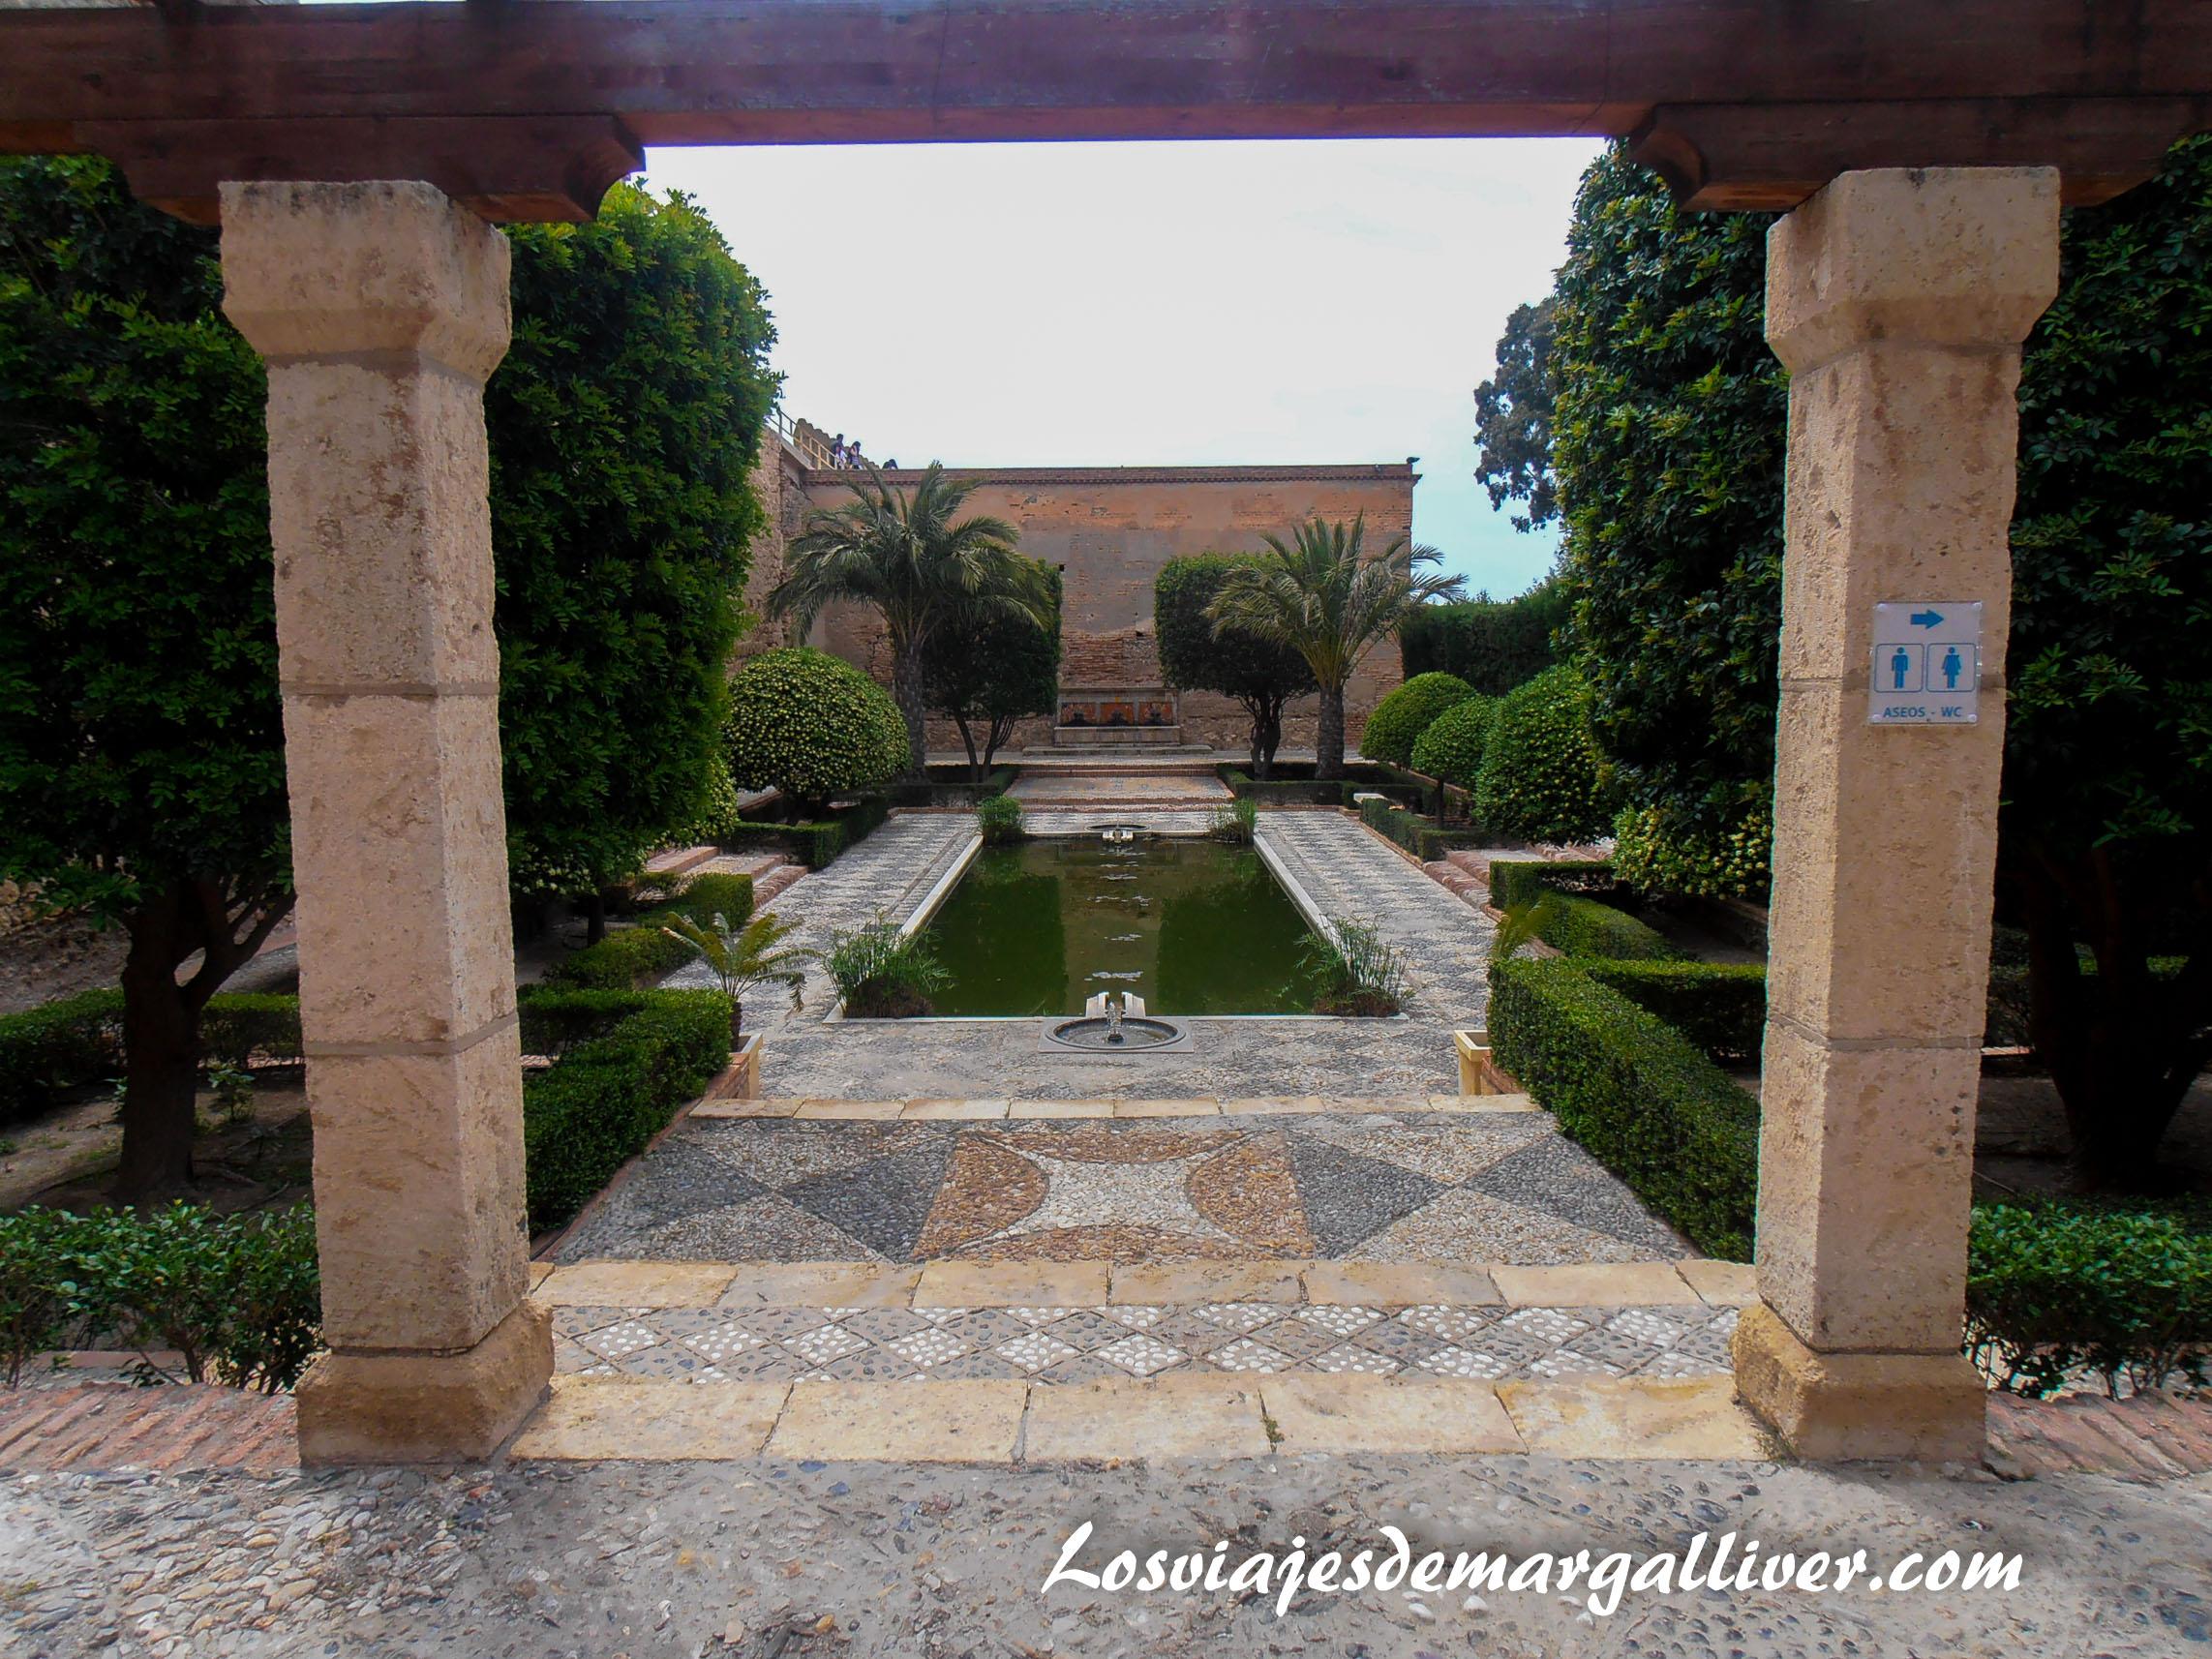 jardines de la alcazaba de Almería en la ruta de Juego de Tronos - Los viajes de Margalliver